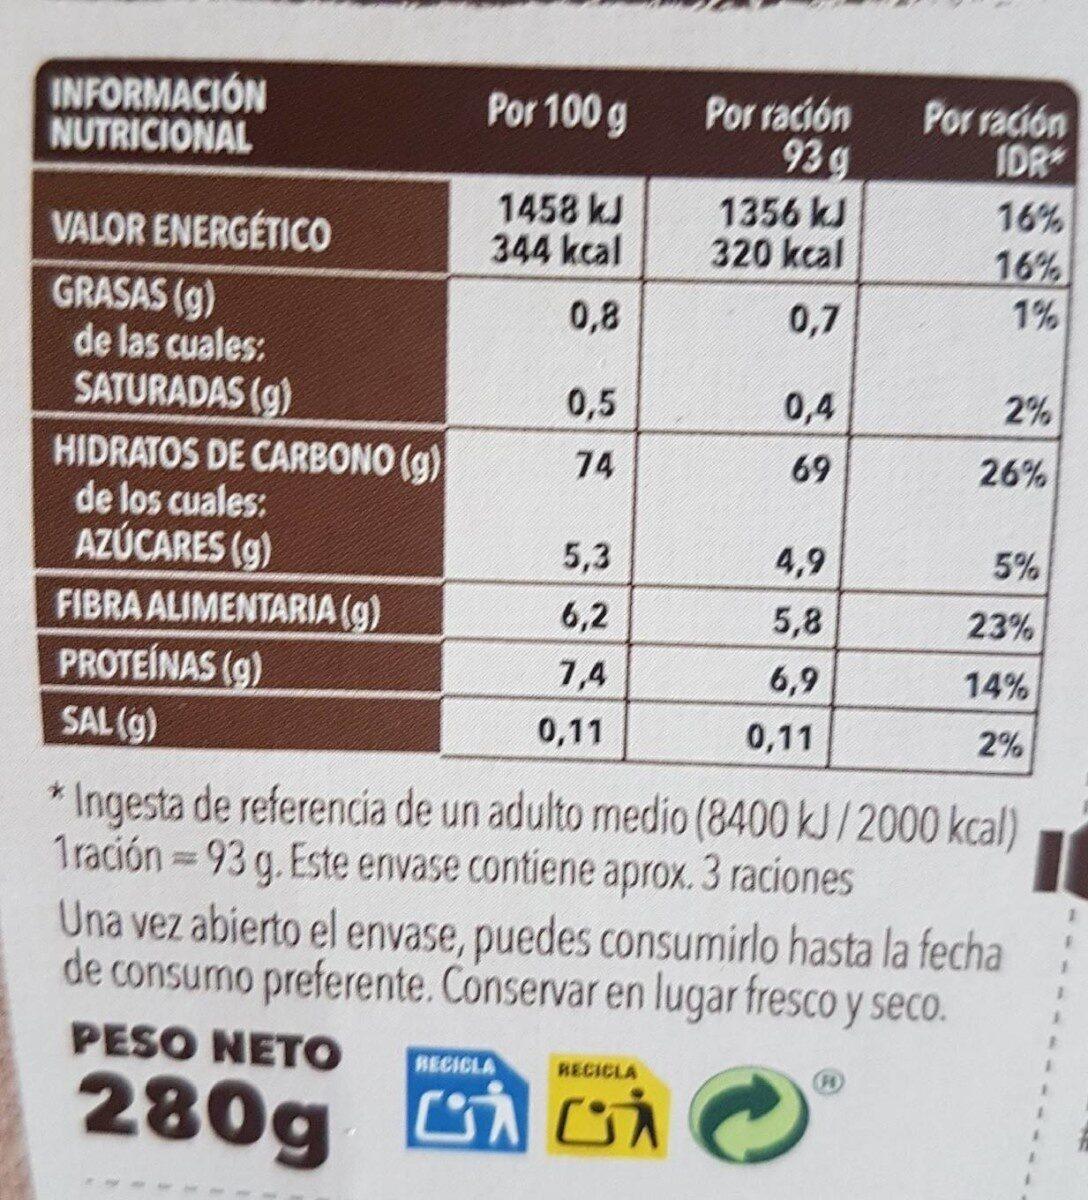 Risotto de hongos - Información nutricional - es